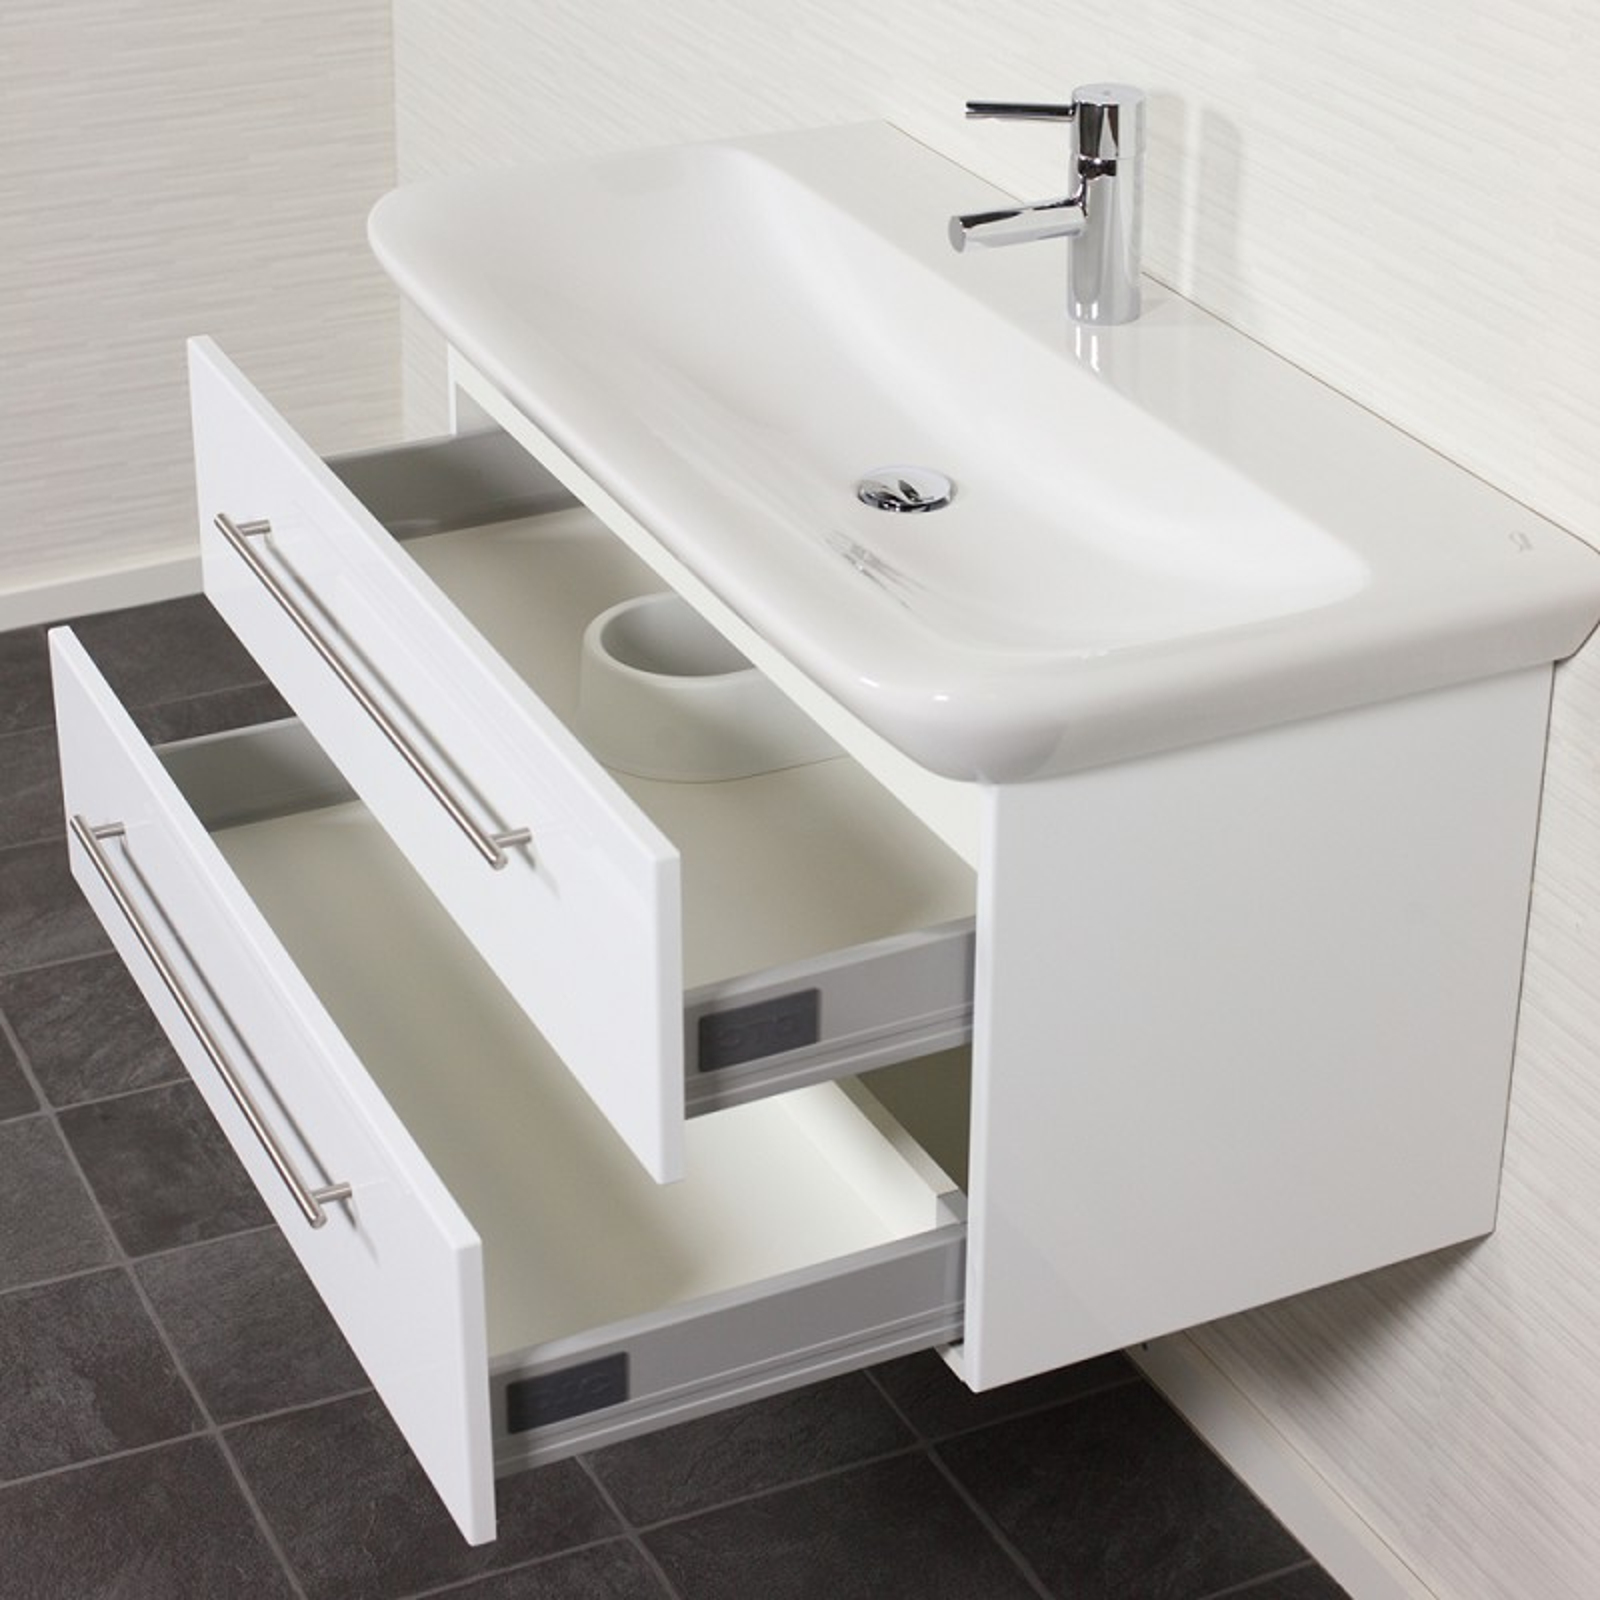 bad waschtisch mit keramag becken myday 2 ausz ge 100. Black Bedroom Furniture Sets. Home Design Ideas